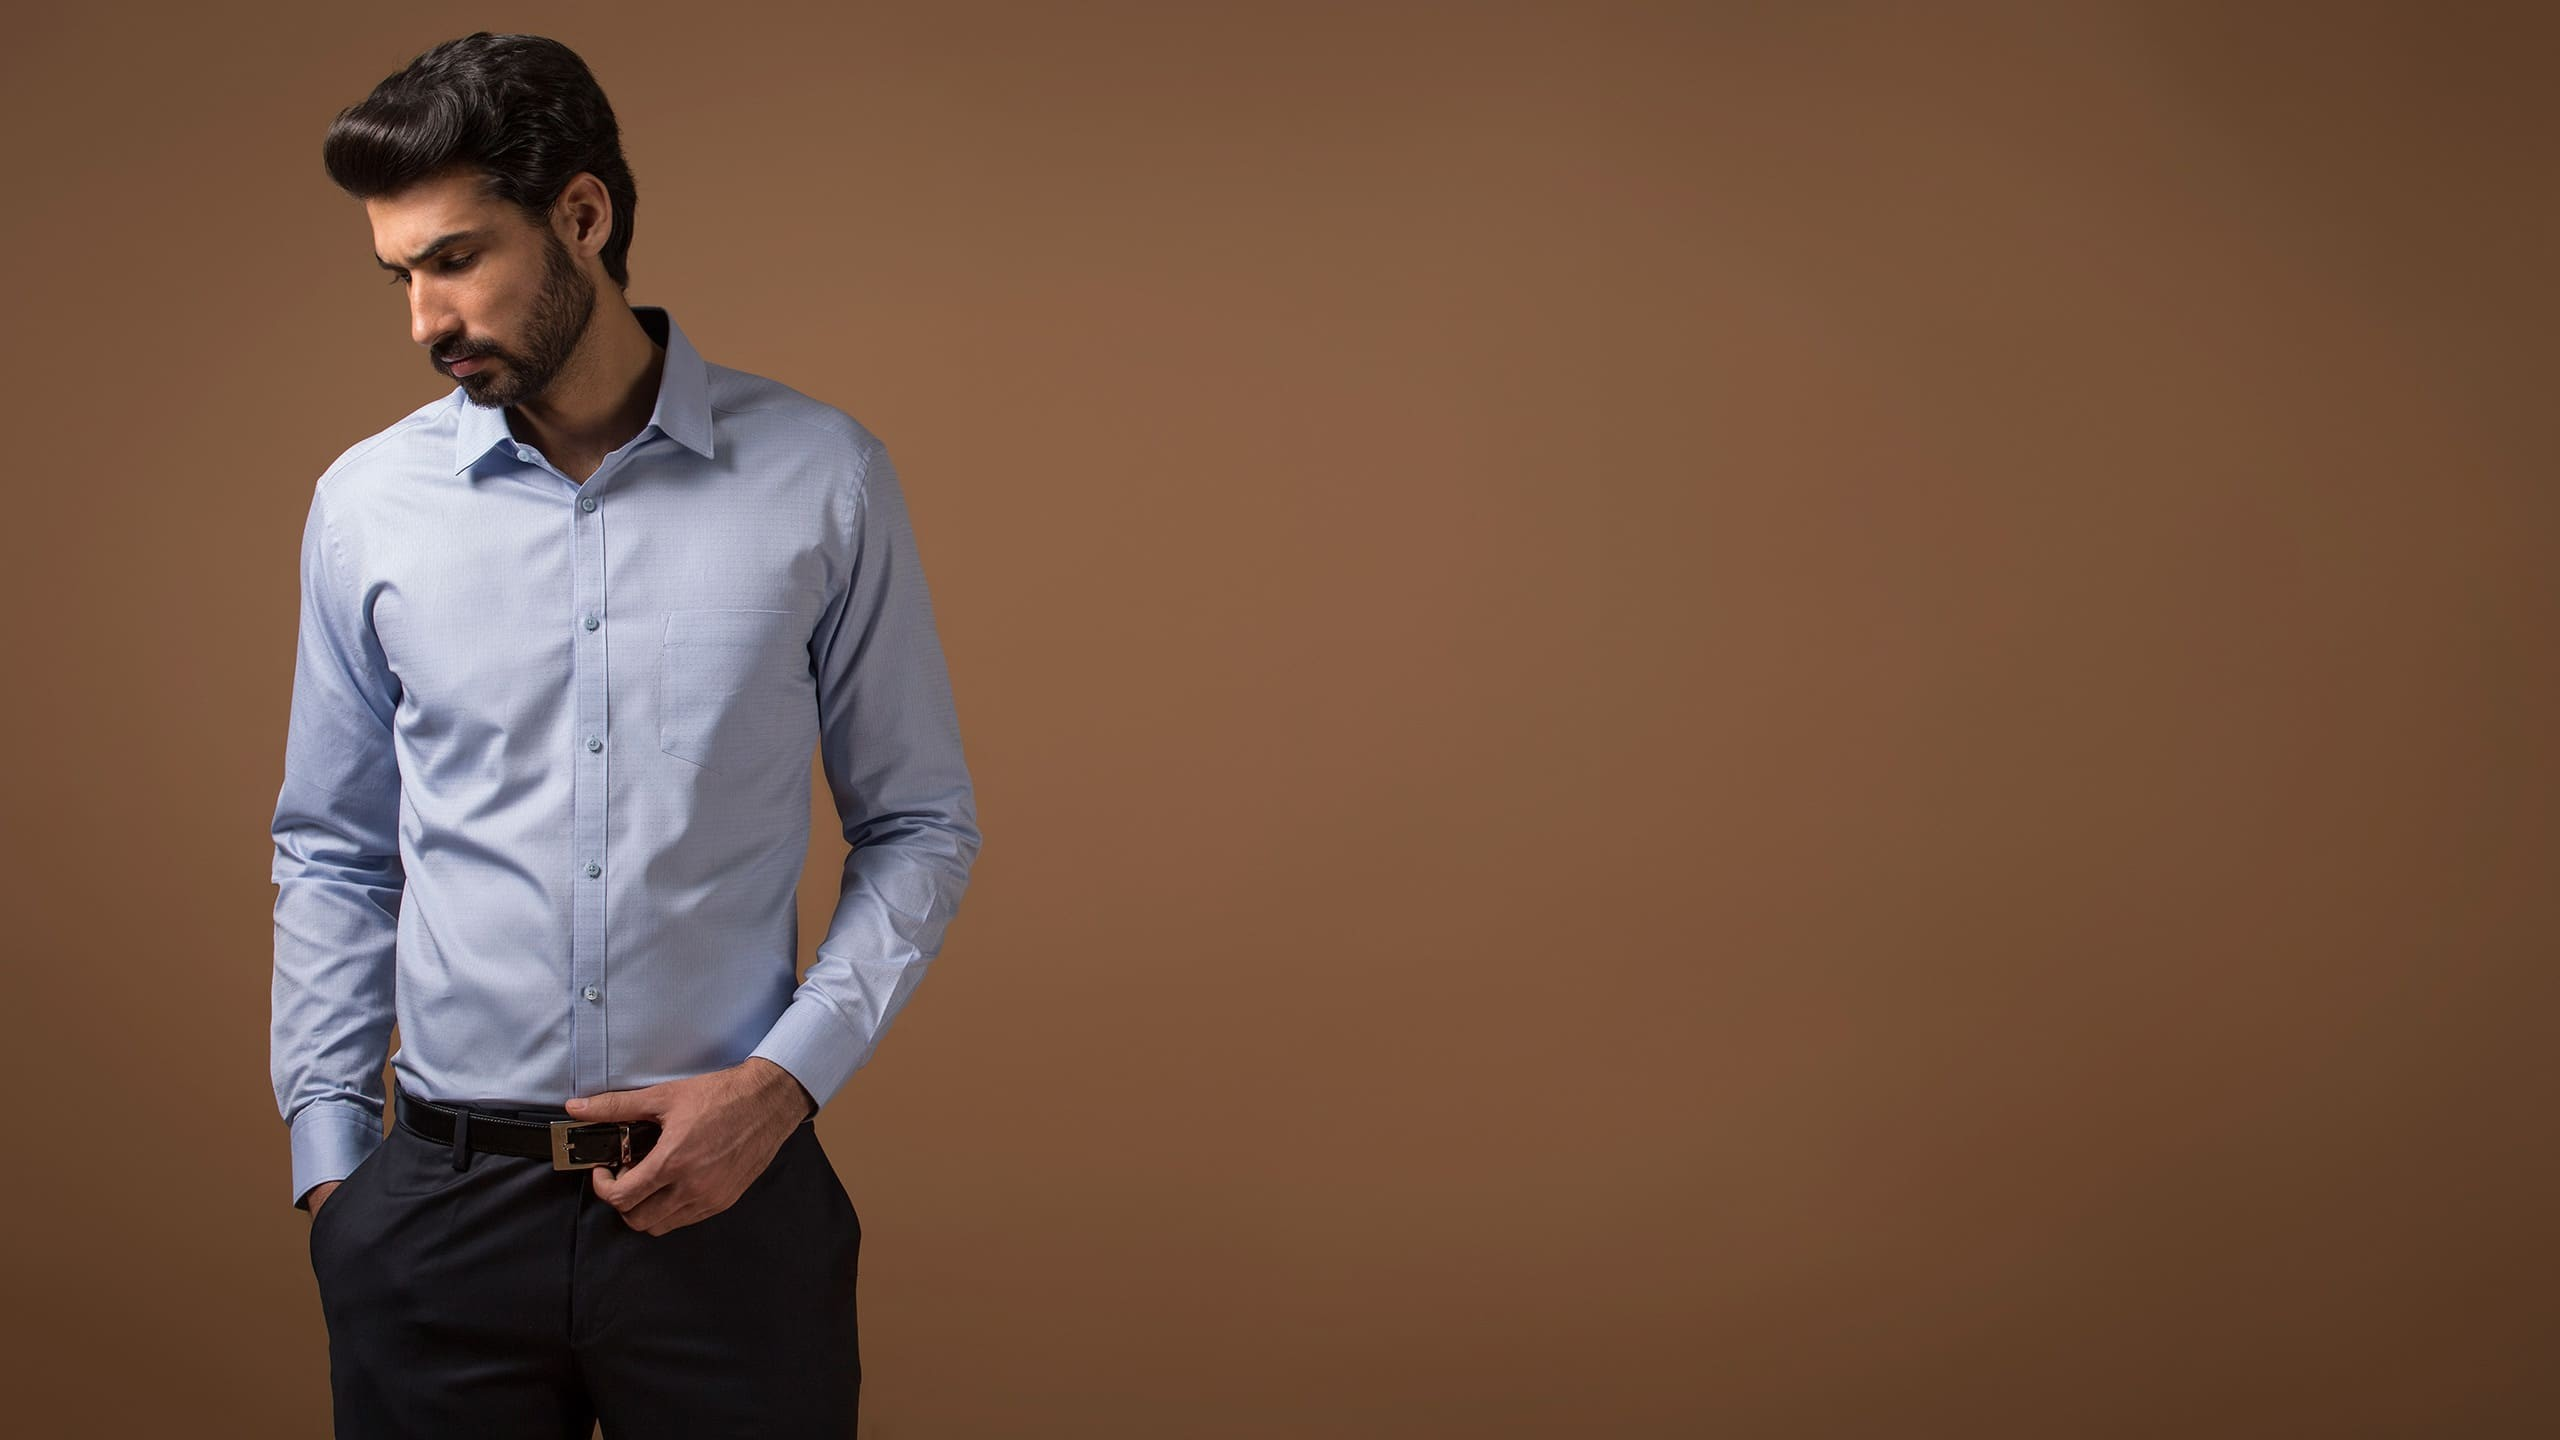 Rüyada Mavi Gömlek Giydiğini Görmek